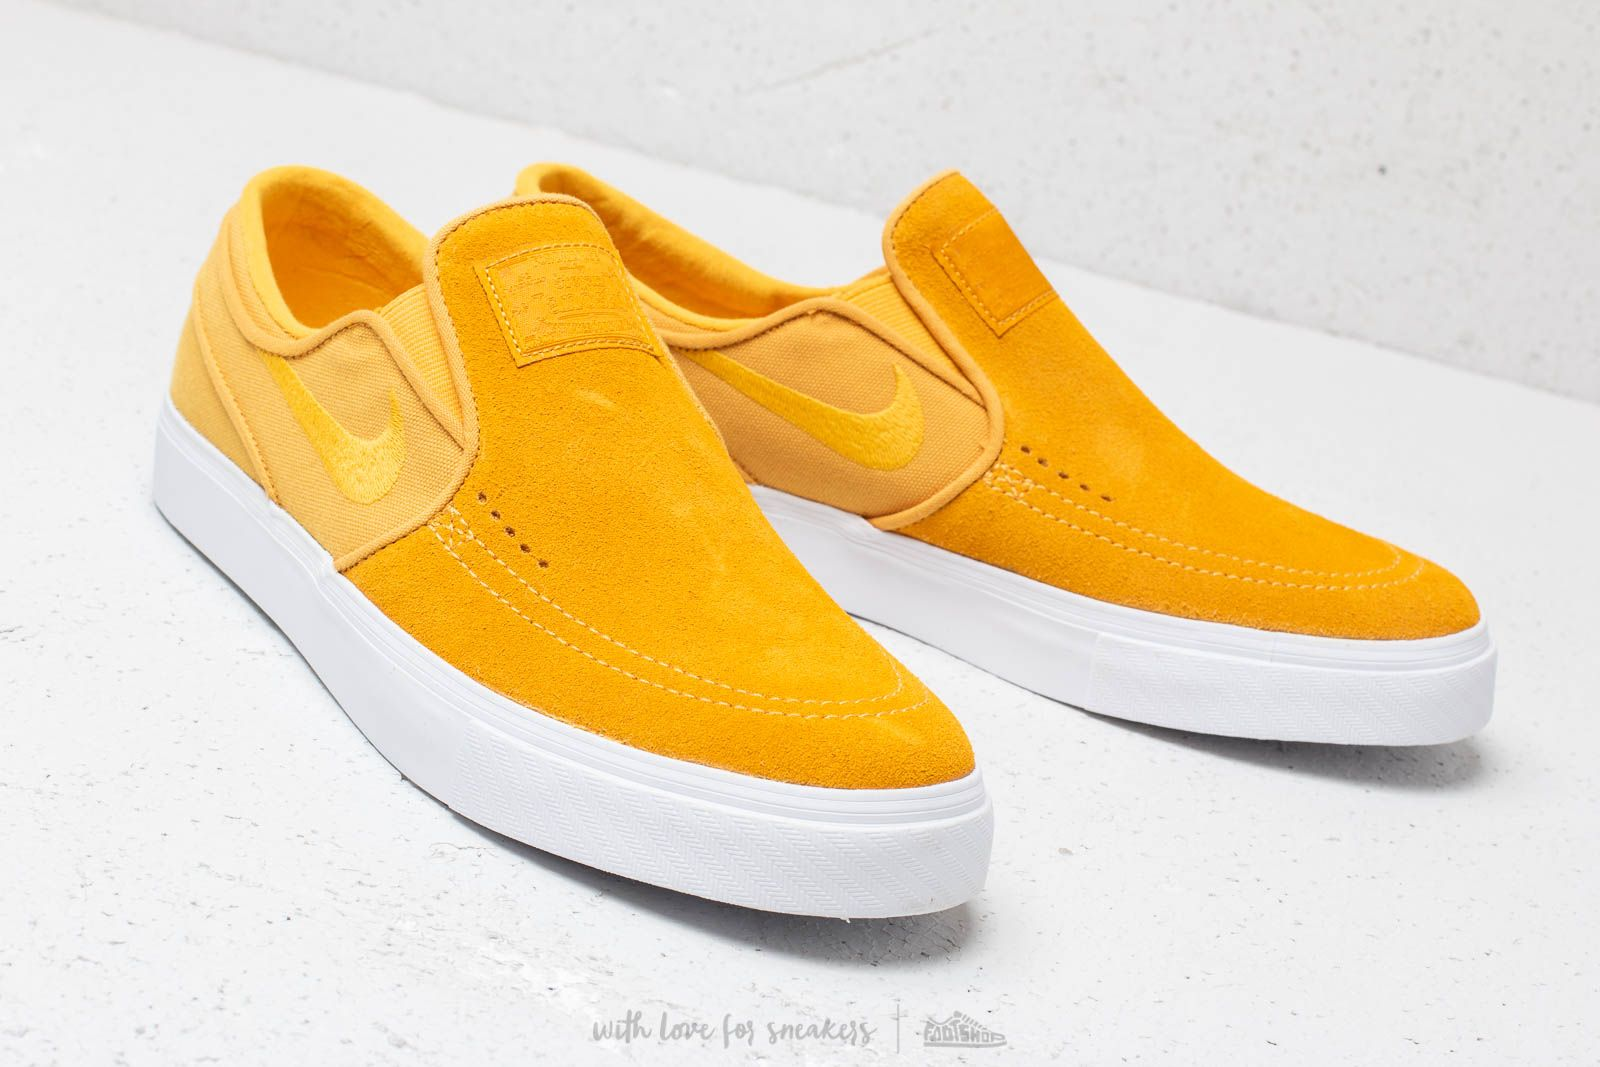 yellow janoski